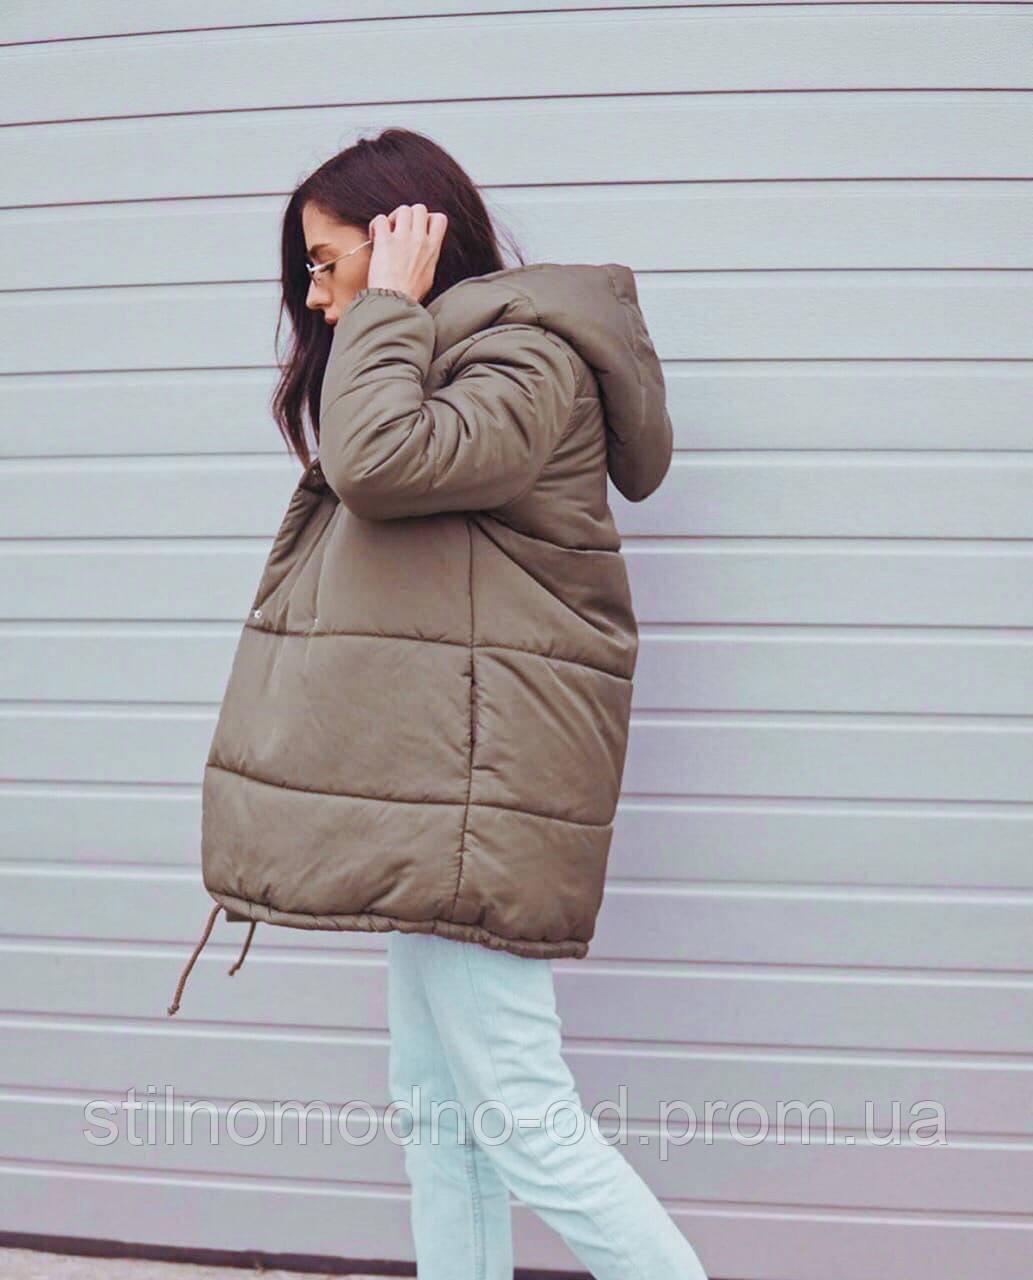 Курточка «Зефірка Люкс» подовжена на шнурочках від Стильномодно